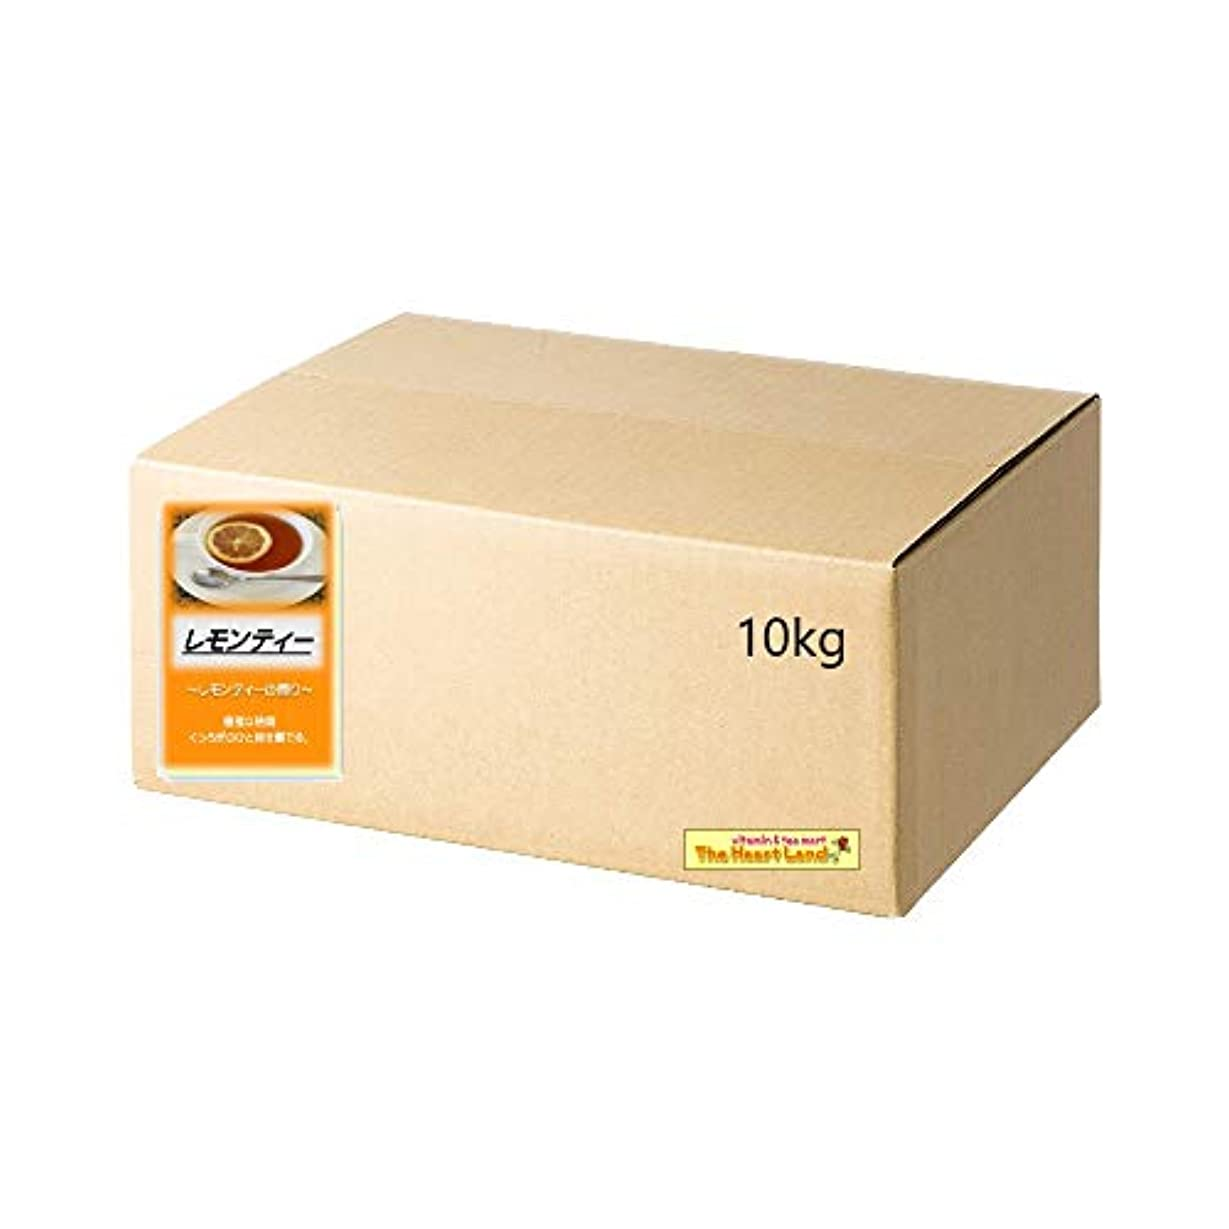 軽量バット実施するアサヒ入浴剤 浴用入浴化粧品 レモンティー 10kg